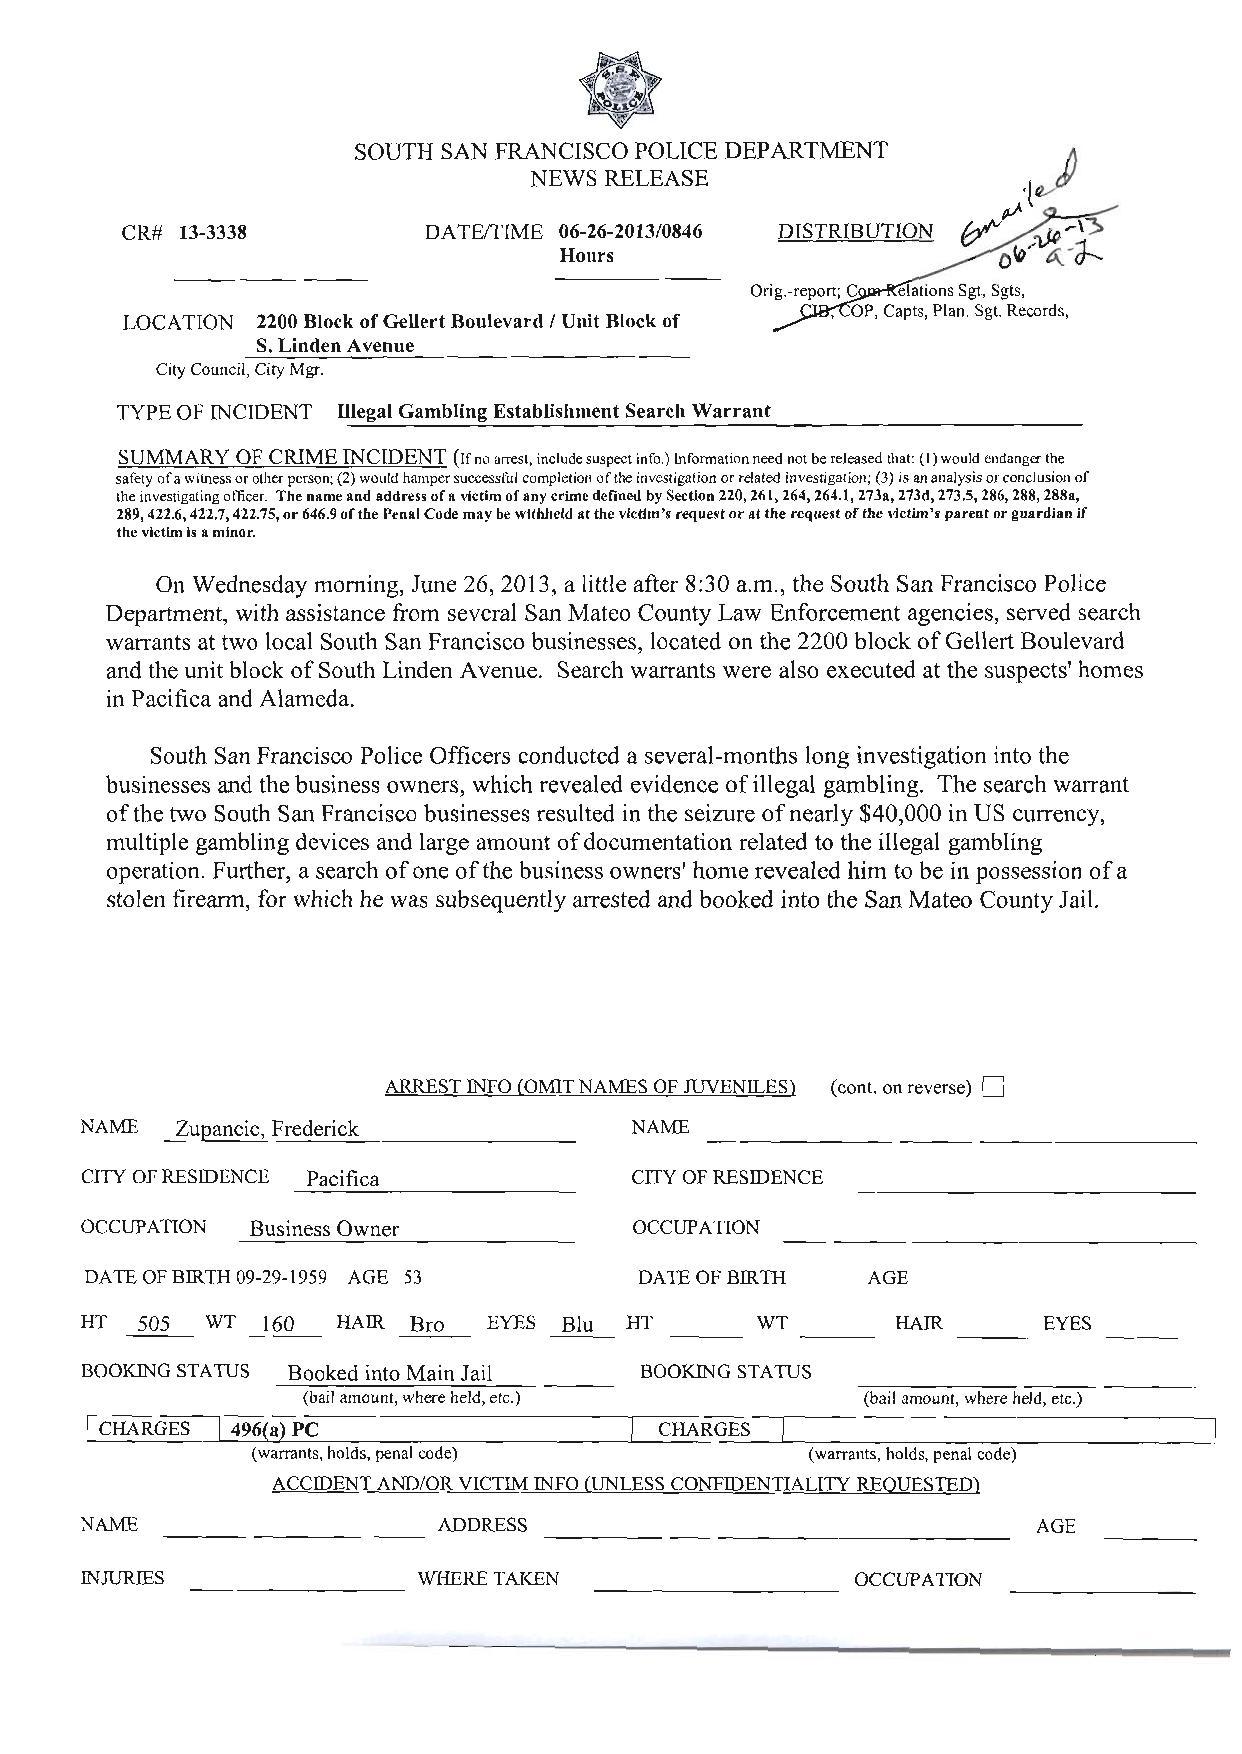 SSFPD 6.26.2013 Illegal Gambling